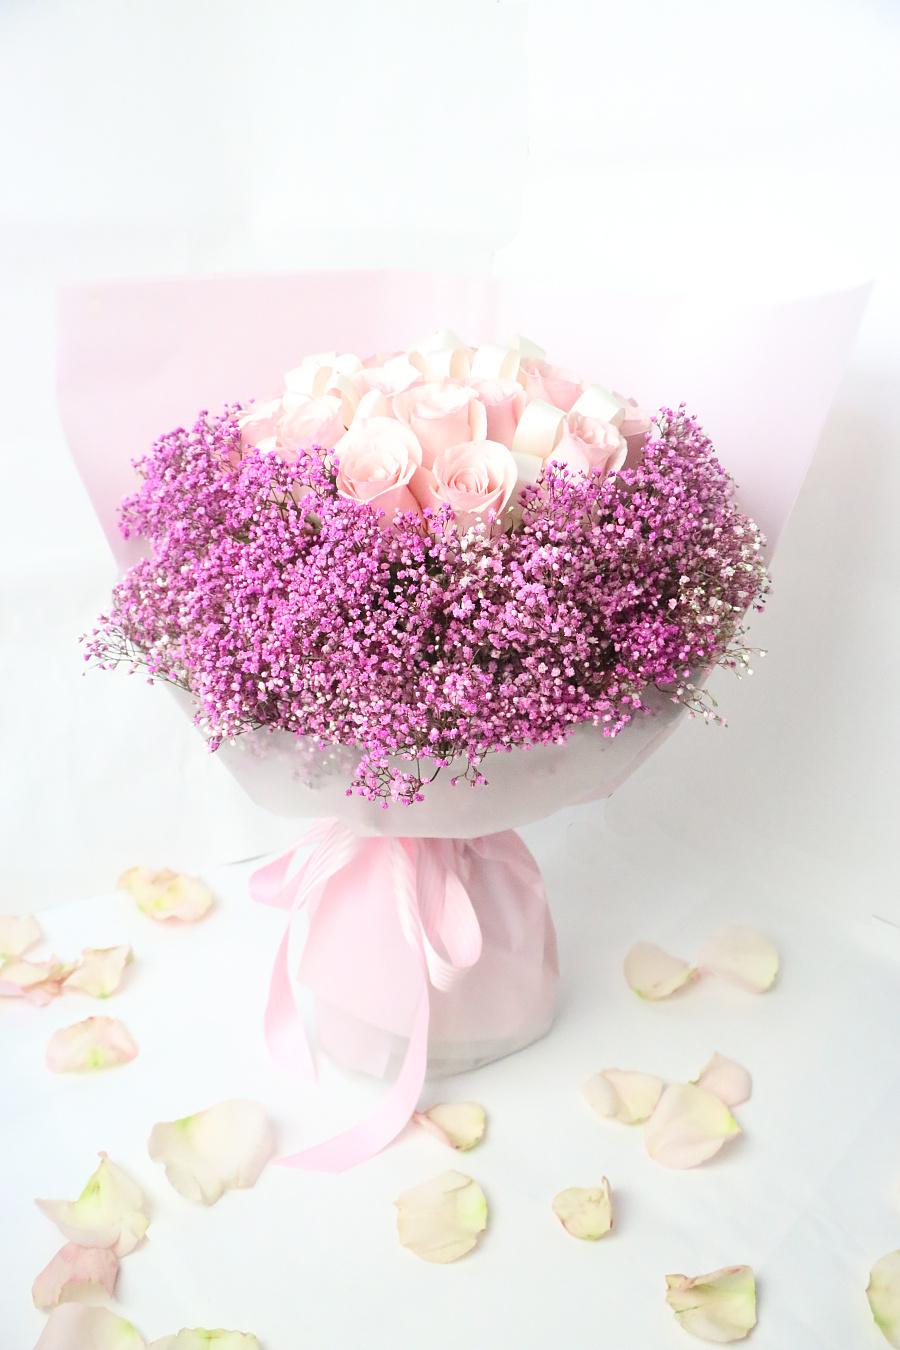 束 圆形花束 满天星玫瑰花束 玫瑰花束 卡罗拉玫瑰花束 糖果玫瑰花束 图片